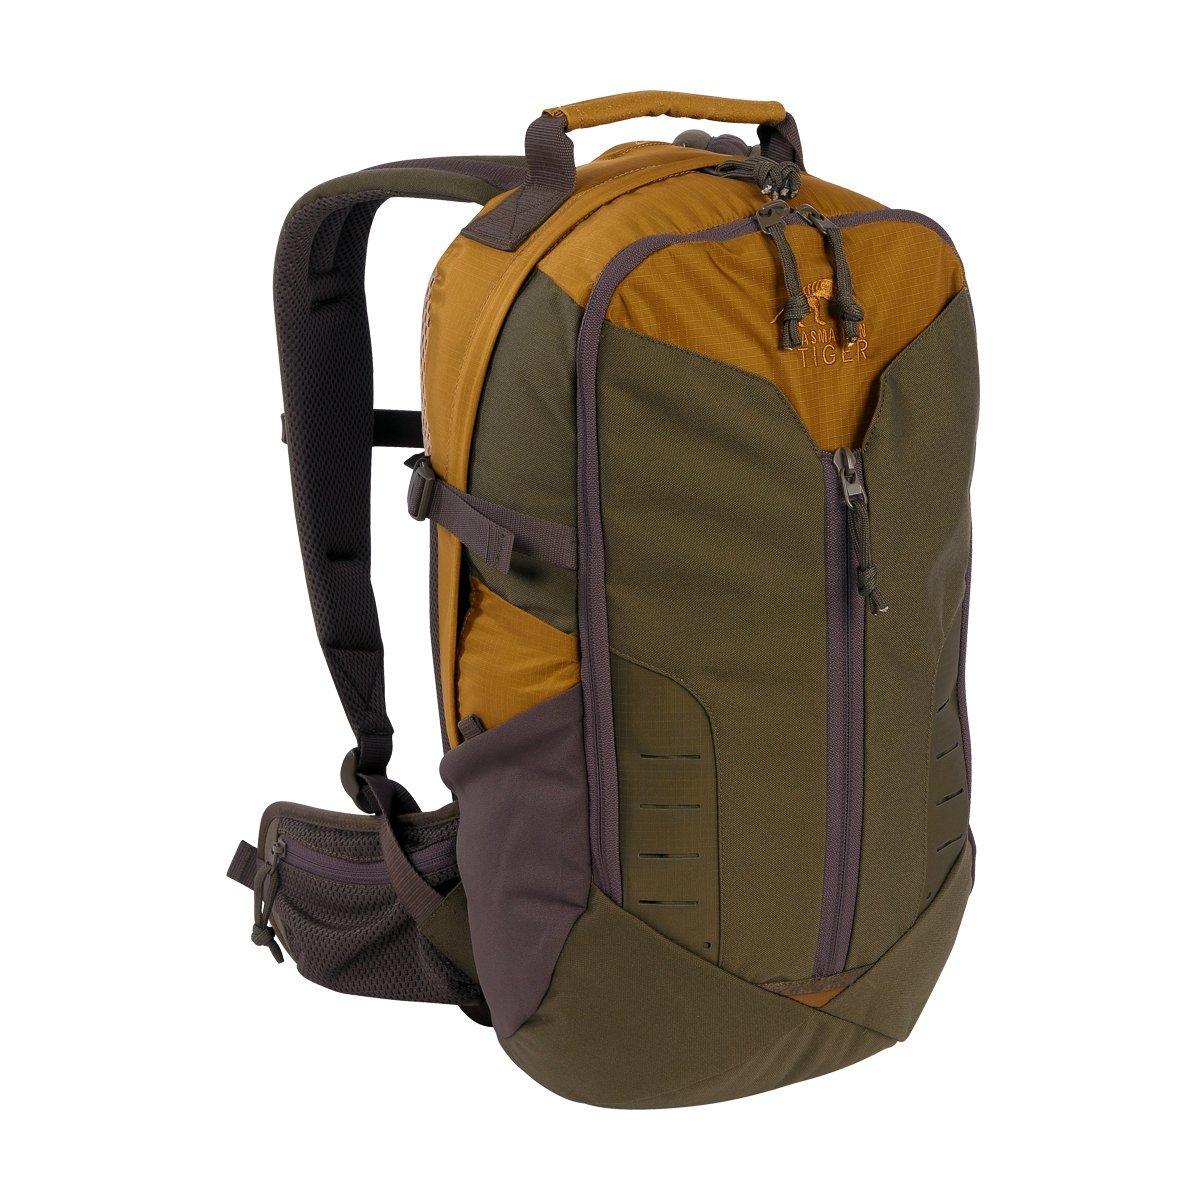 タスマニアンタイガー タックパック 22L 7729 Tasmanian Tiger Tac Pack【正規輸入代理店直売】  オリーブ331 B01G9XEJE4